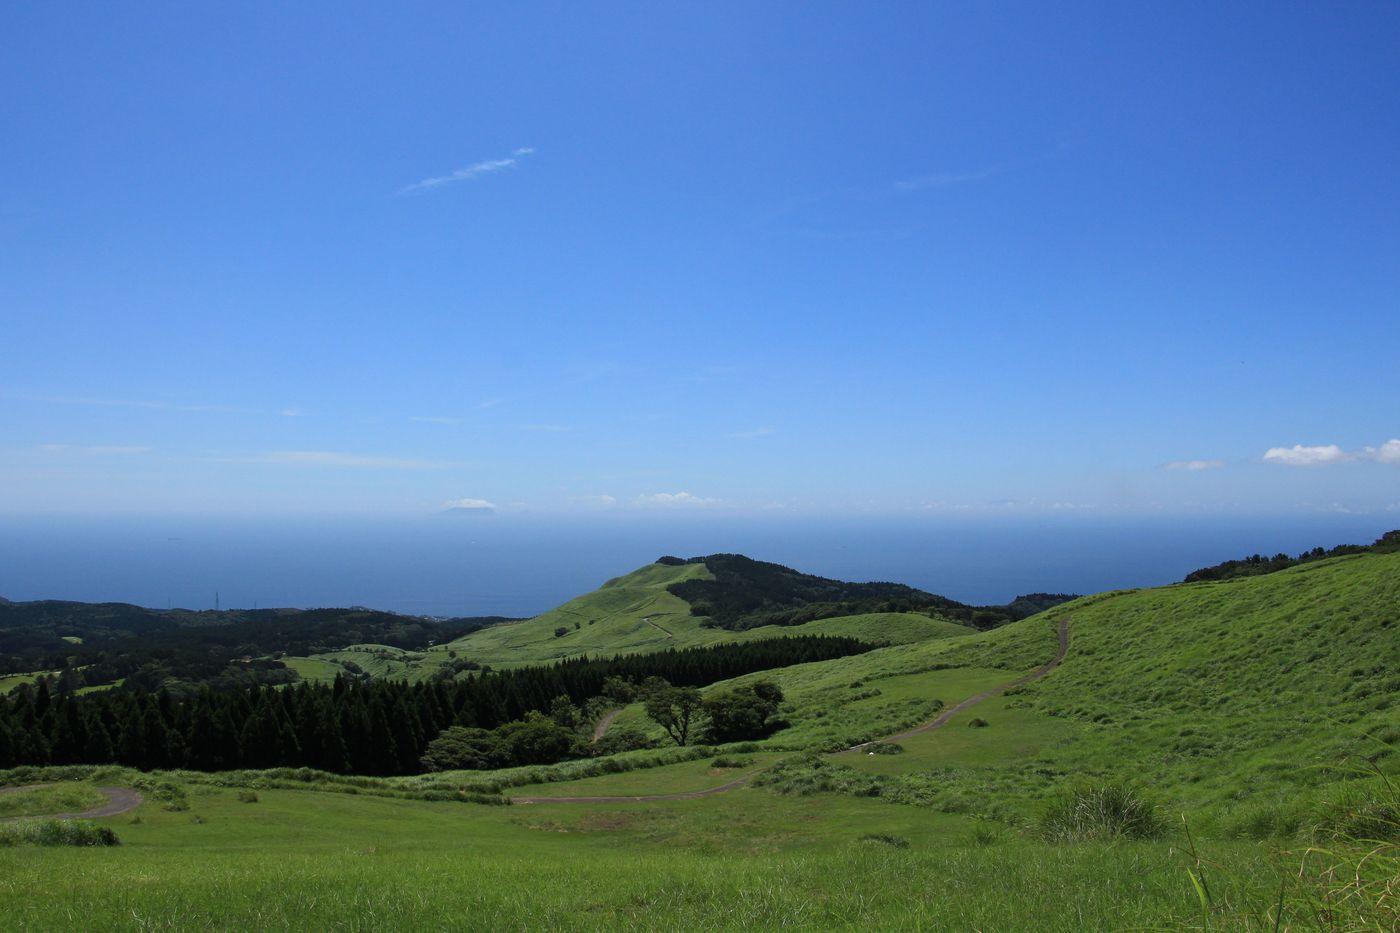 【絶景】ハイキングが楽しめる細野高原の魅力に迫る!東伊豆町の秋の見どころもご紹介の画像